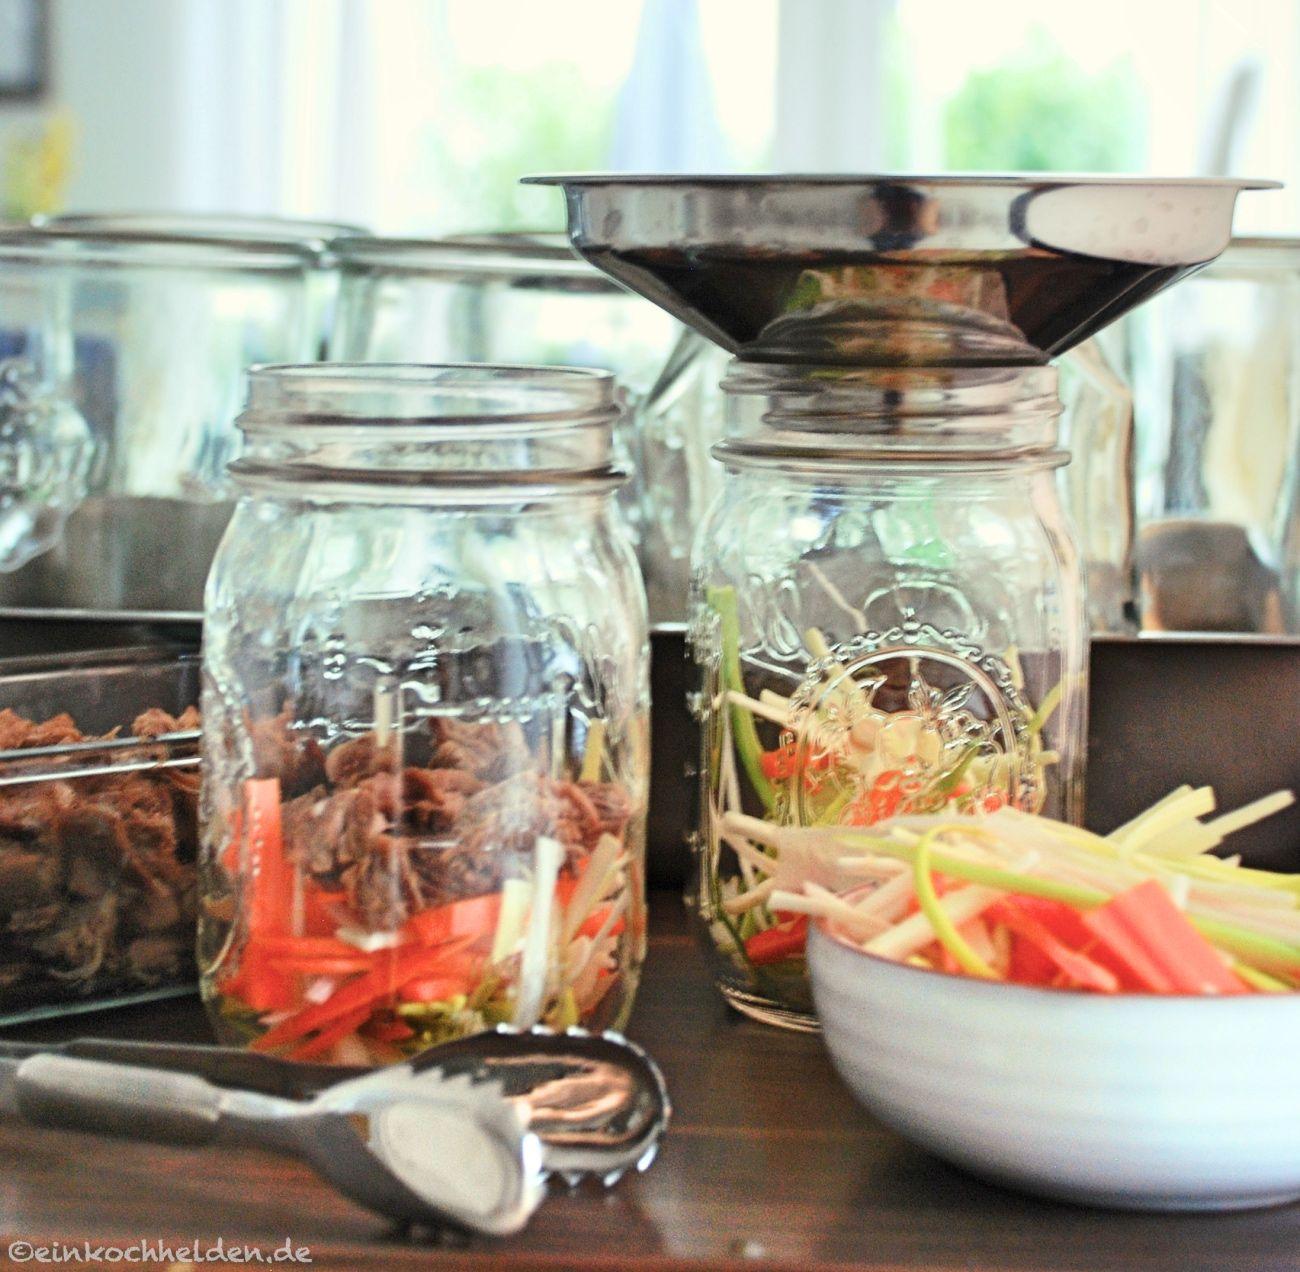 einkochrezepte auch f r anf nger kuchen aus dem glas suppen sossenrezepte fleischgerichte. Black Bedroom Furniture Sets. Home Design Ideas